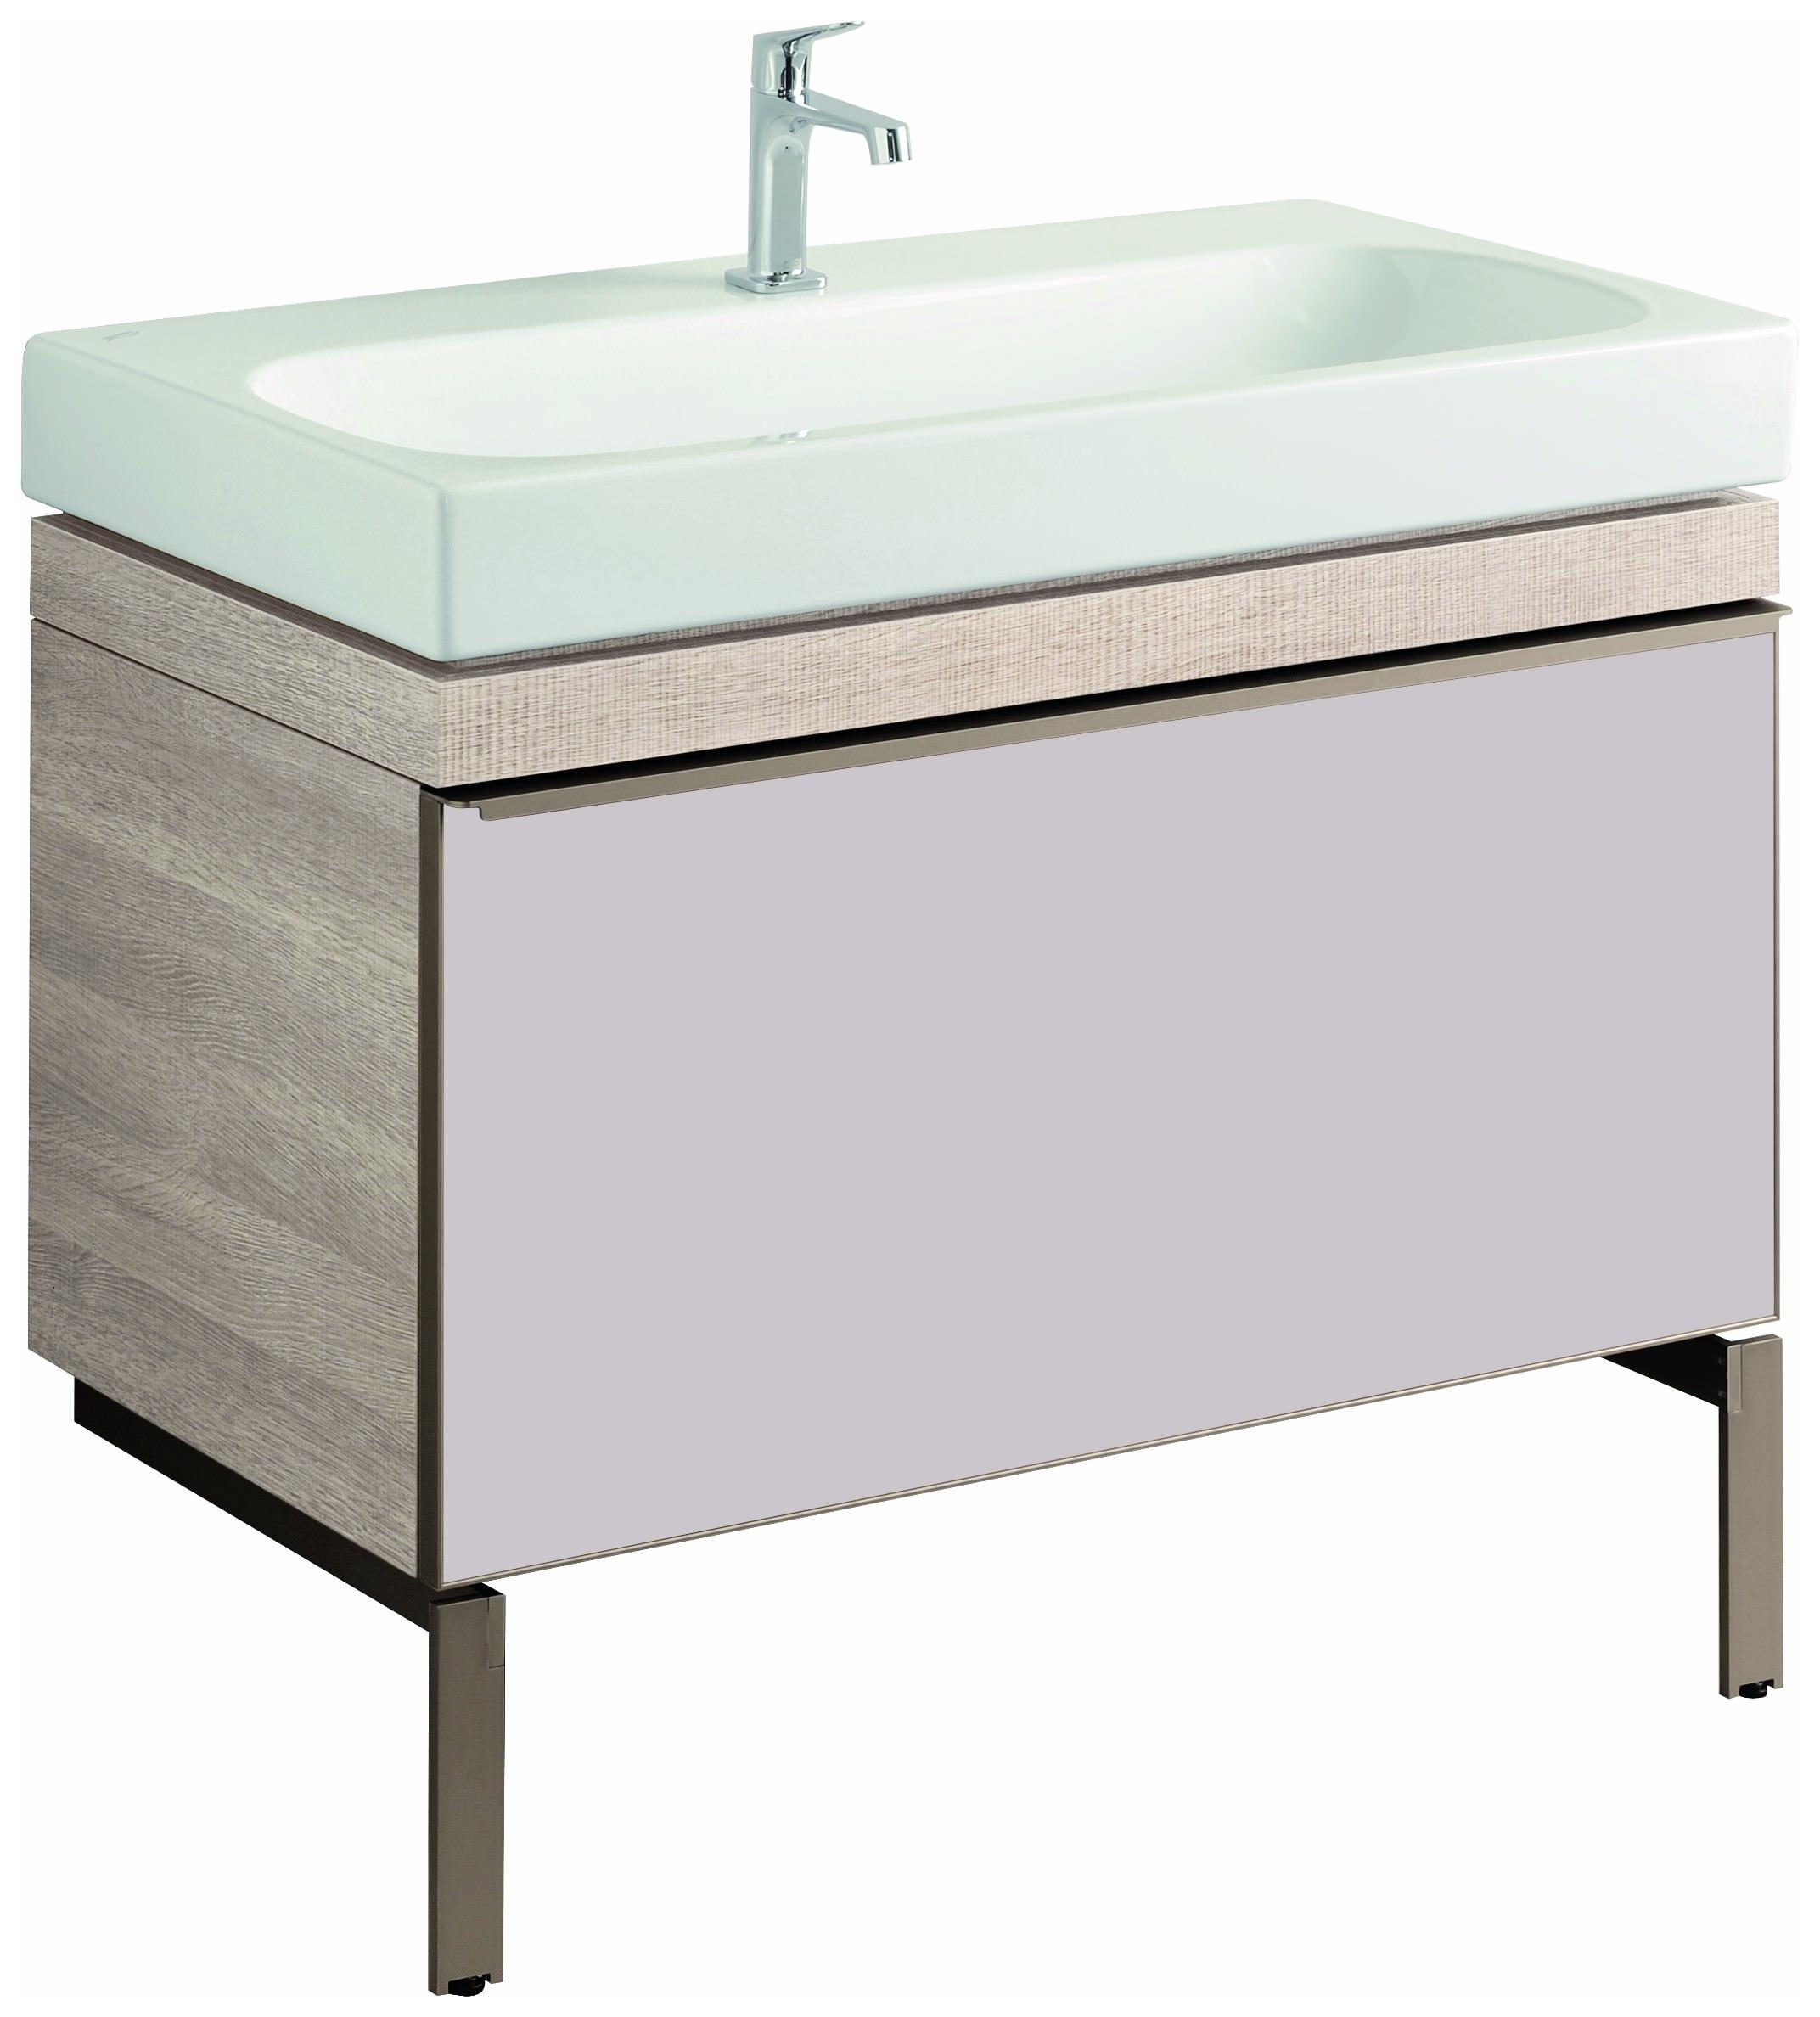 keramag citterio waschtisch ohne berlauf 900mm x 500mm wei alpin keratect 123590600. Black Bedroom Furniture Sets. Home Design Ideas